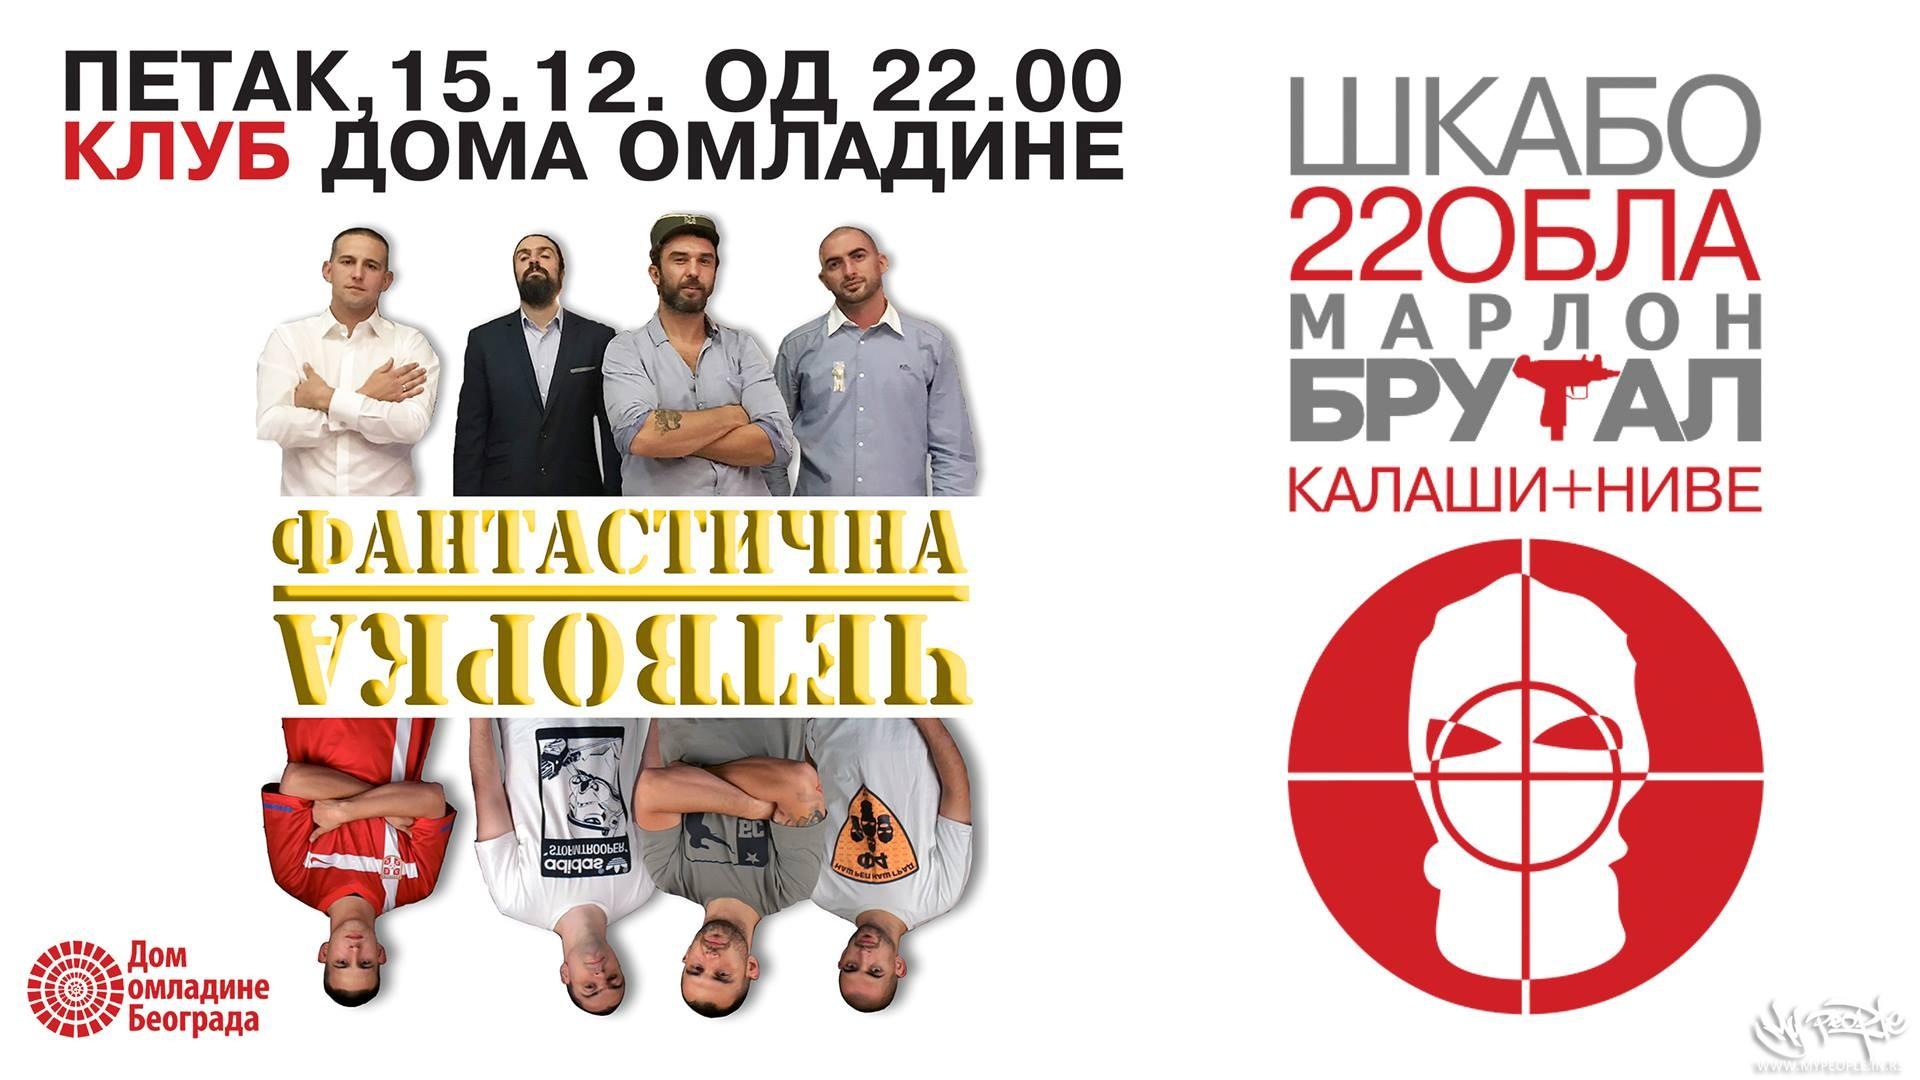 Фантастична Четворка / Дом омладине / @ Dom Omladine Beograda